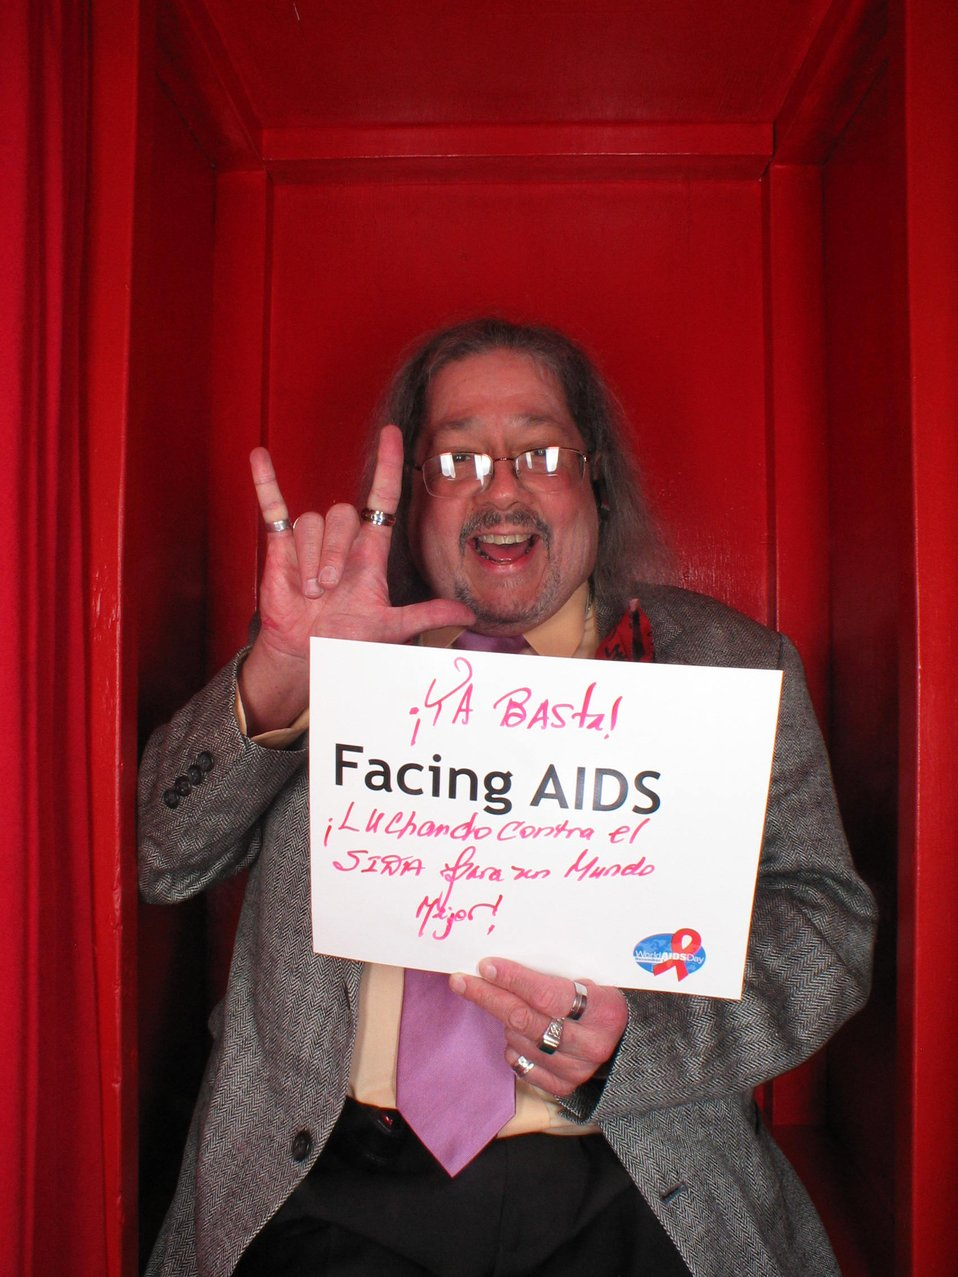 Ya Basta Facing AIDS luchando contra el SIDA para un Mundo mejor!